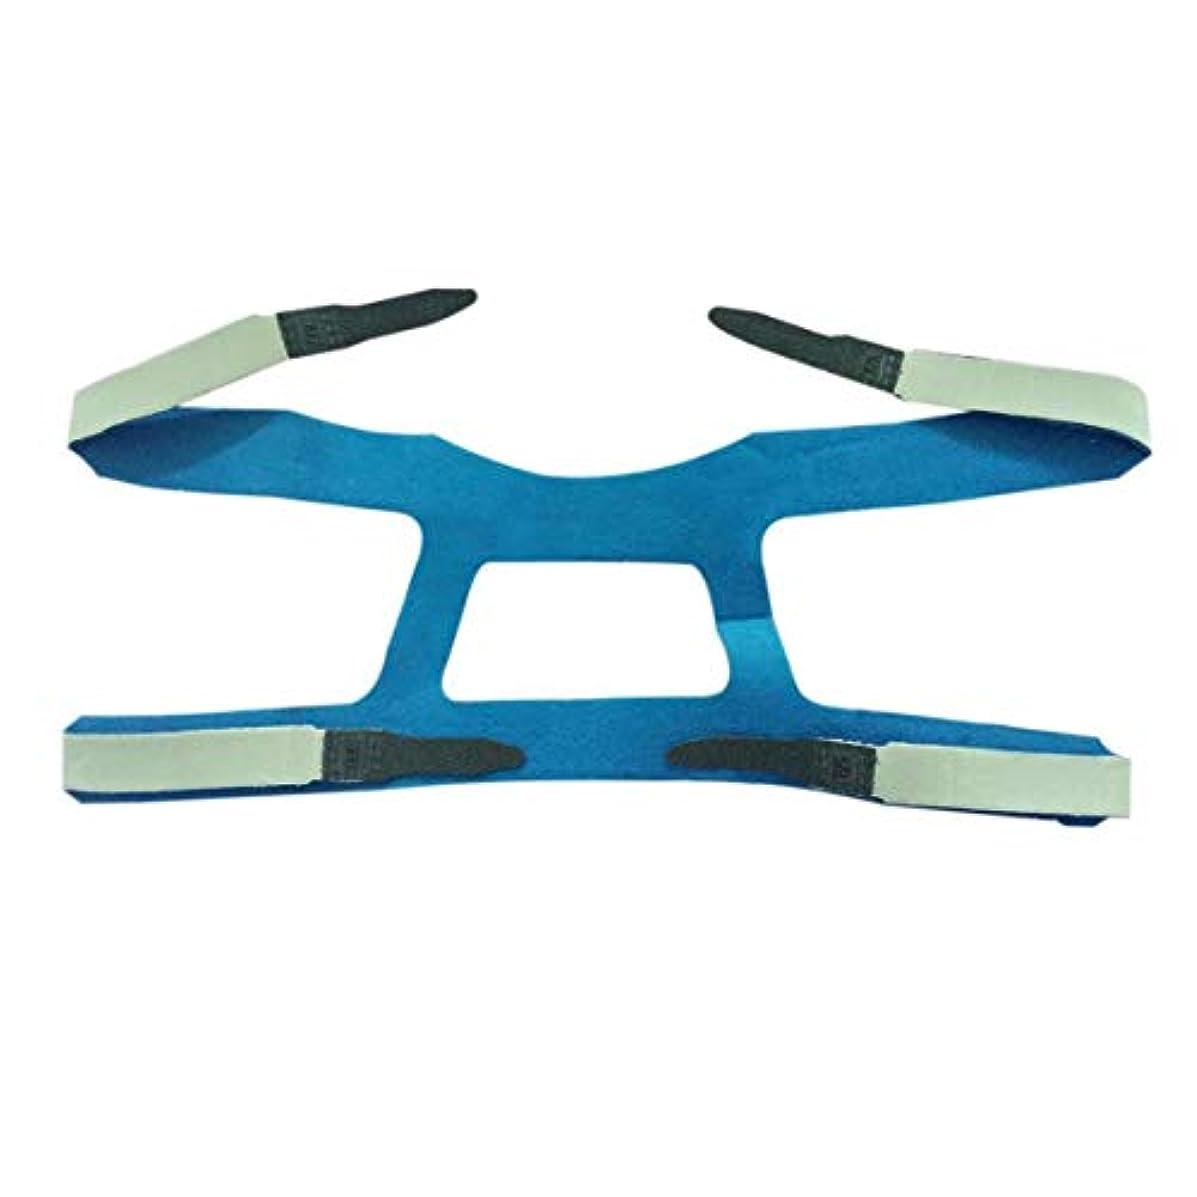 オートマトン描写織るintercorey保護ギアユニバーサルデザインヘッドギアコンフォートジェルフルマスク安全な環境の取り替えCPAPヘッドバンドなしマスク用PHILPS